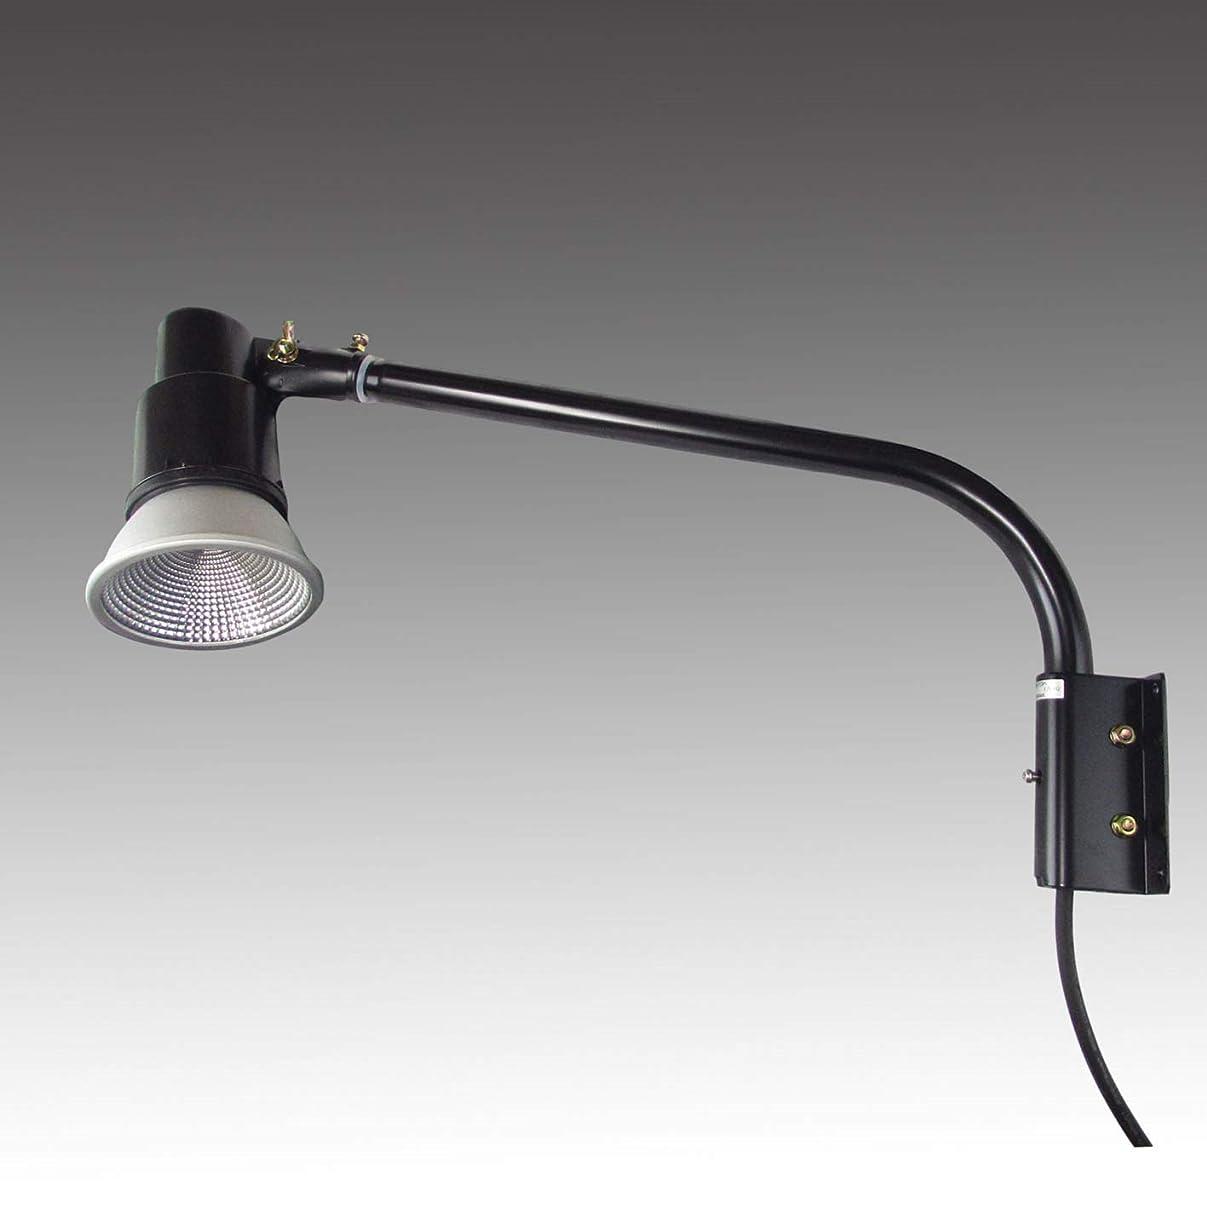 フレッシュ調べるサイクル【2年保証】屋外用LEDライト12W120W相当形+ショートアームセット(本体色:ブラック アーム長465mm) (2800K電球色)